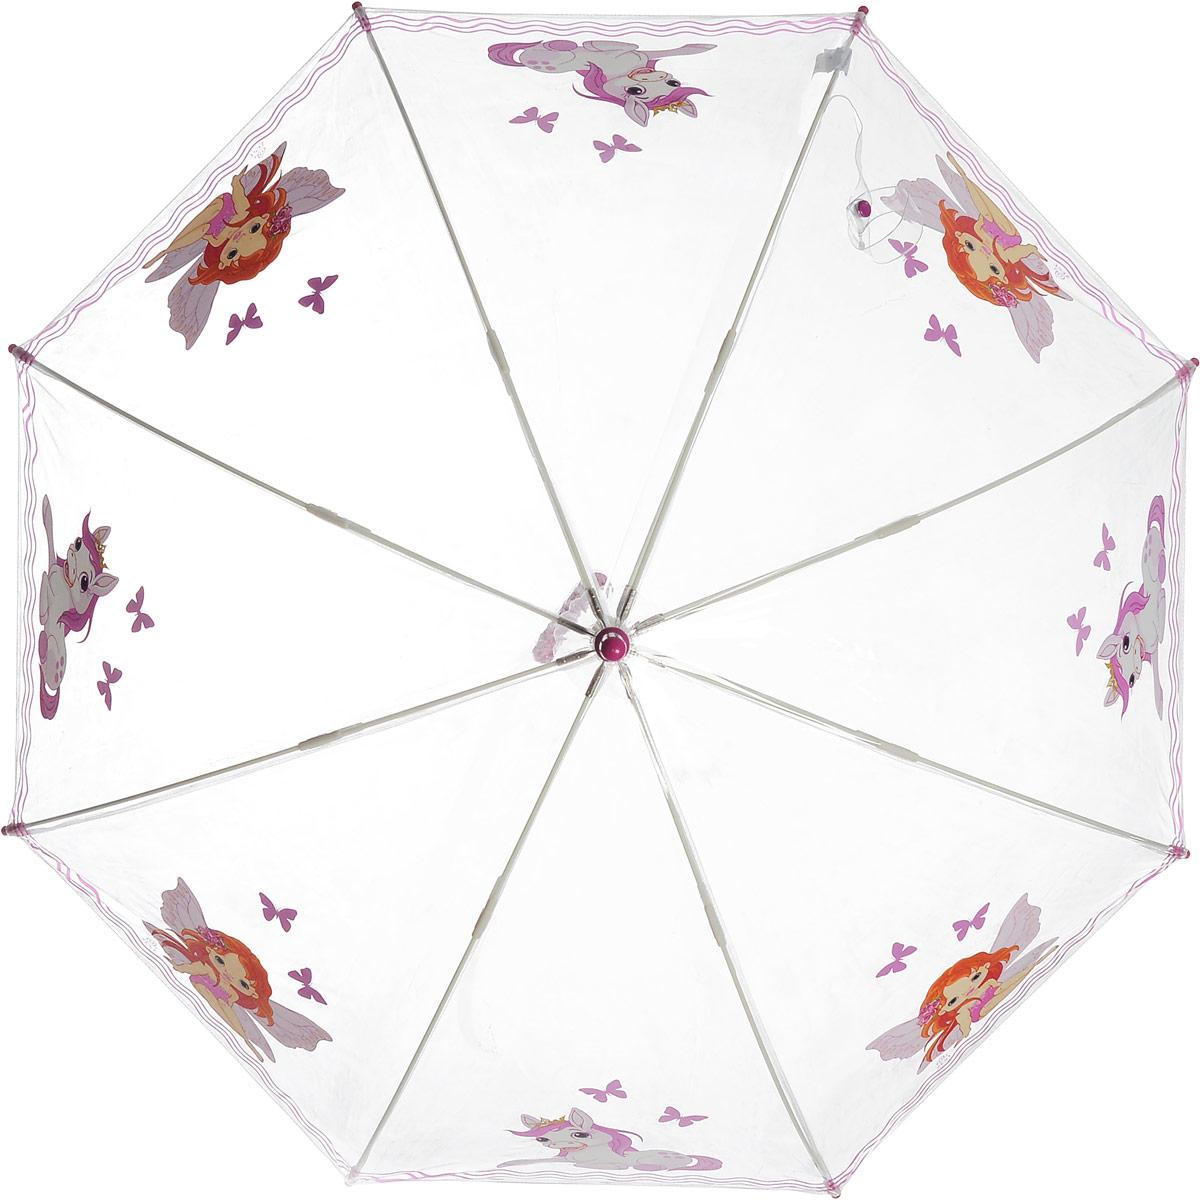 Зонт-трость детский Zest механический, цвет: прозрачный, розовый. 51510-06Пуссеты (гвоздики)Детский зонт-трость Zest выполнен из металла и пластика. Каркас зонта выполнен из восьми спиц, стержень из стали. На концах спиц предусмотрены пластиковые элементы, которые защитят малыша от травм. Купол зонта изготовлен прочного полиэстера. Закрытый купол застегивается на липучку хлястиком. Практичная глянцевая рукоятка закругленной формы разработана с учетом требований эргономики и выполнена из пластика.Чудесный прозрачный зонтик с изображением красочного рисунка на прозрачном куполе. Эта очень позитивная, прочная в применении модель обязательно понравится вашему ребенку.